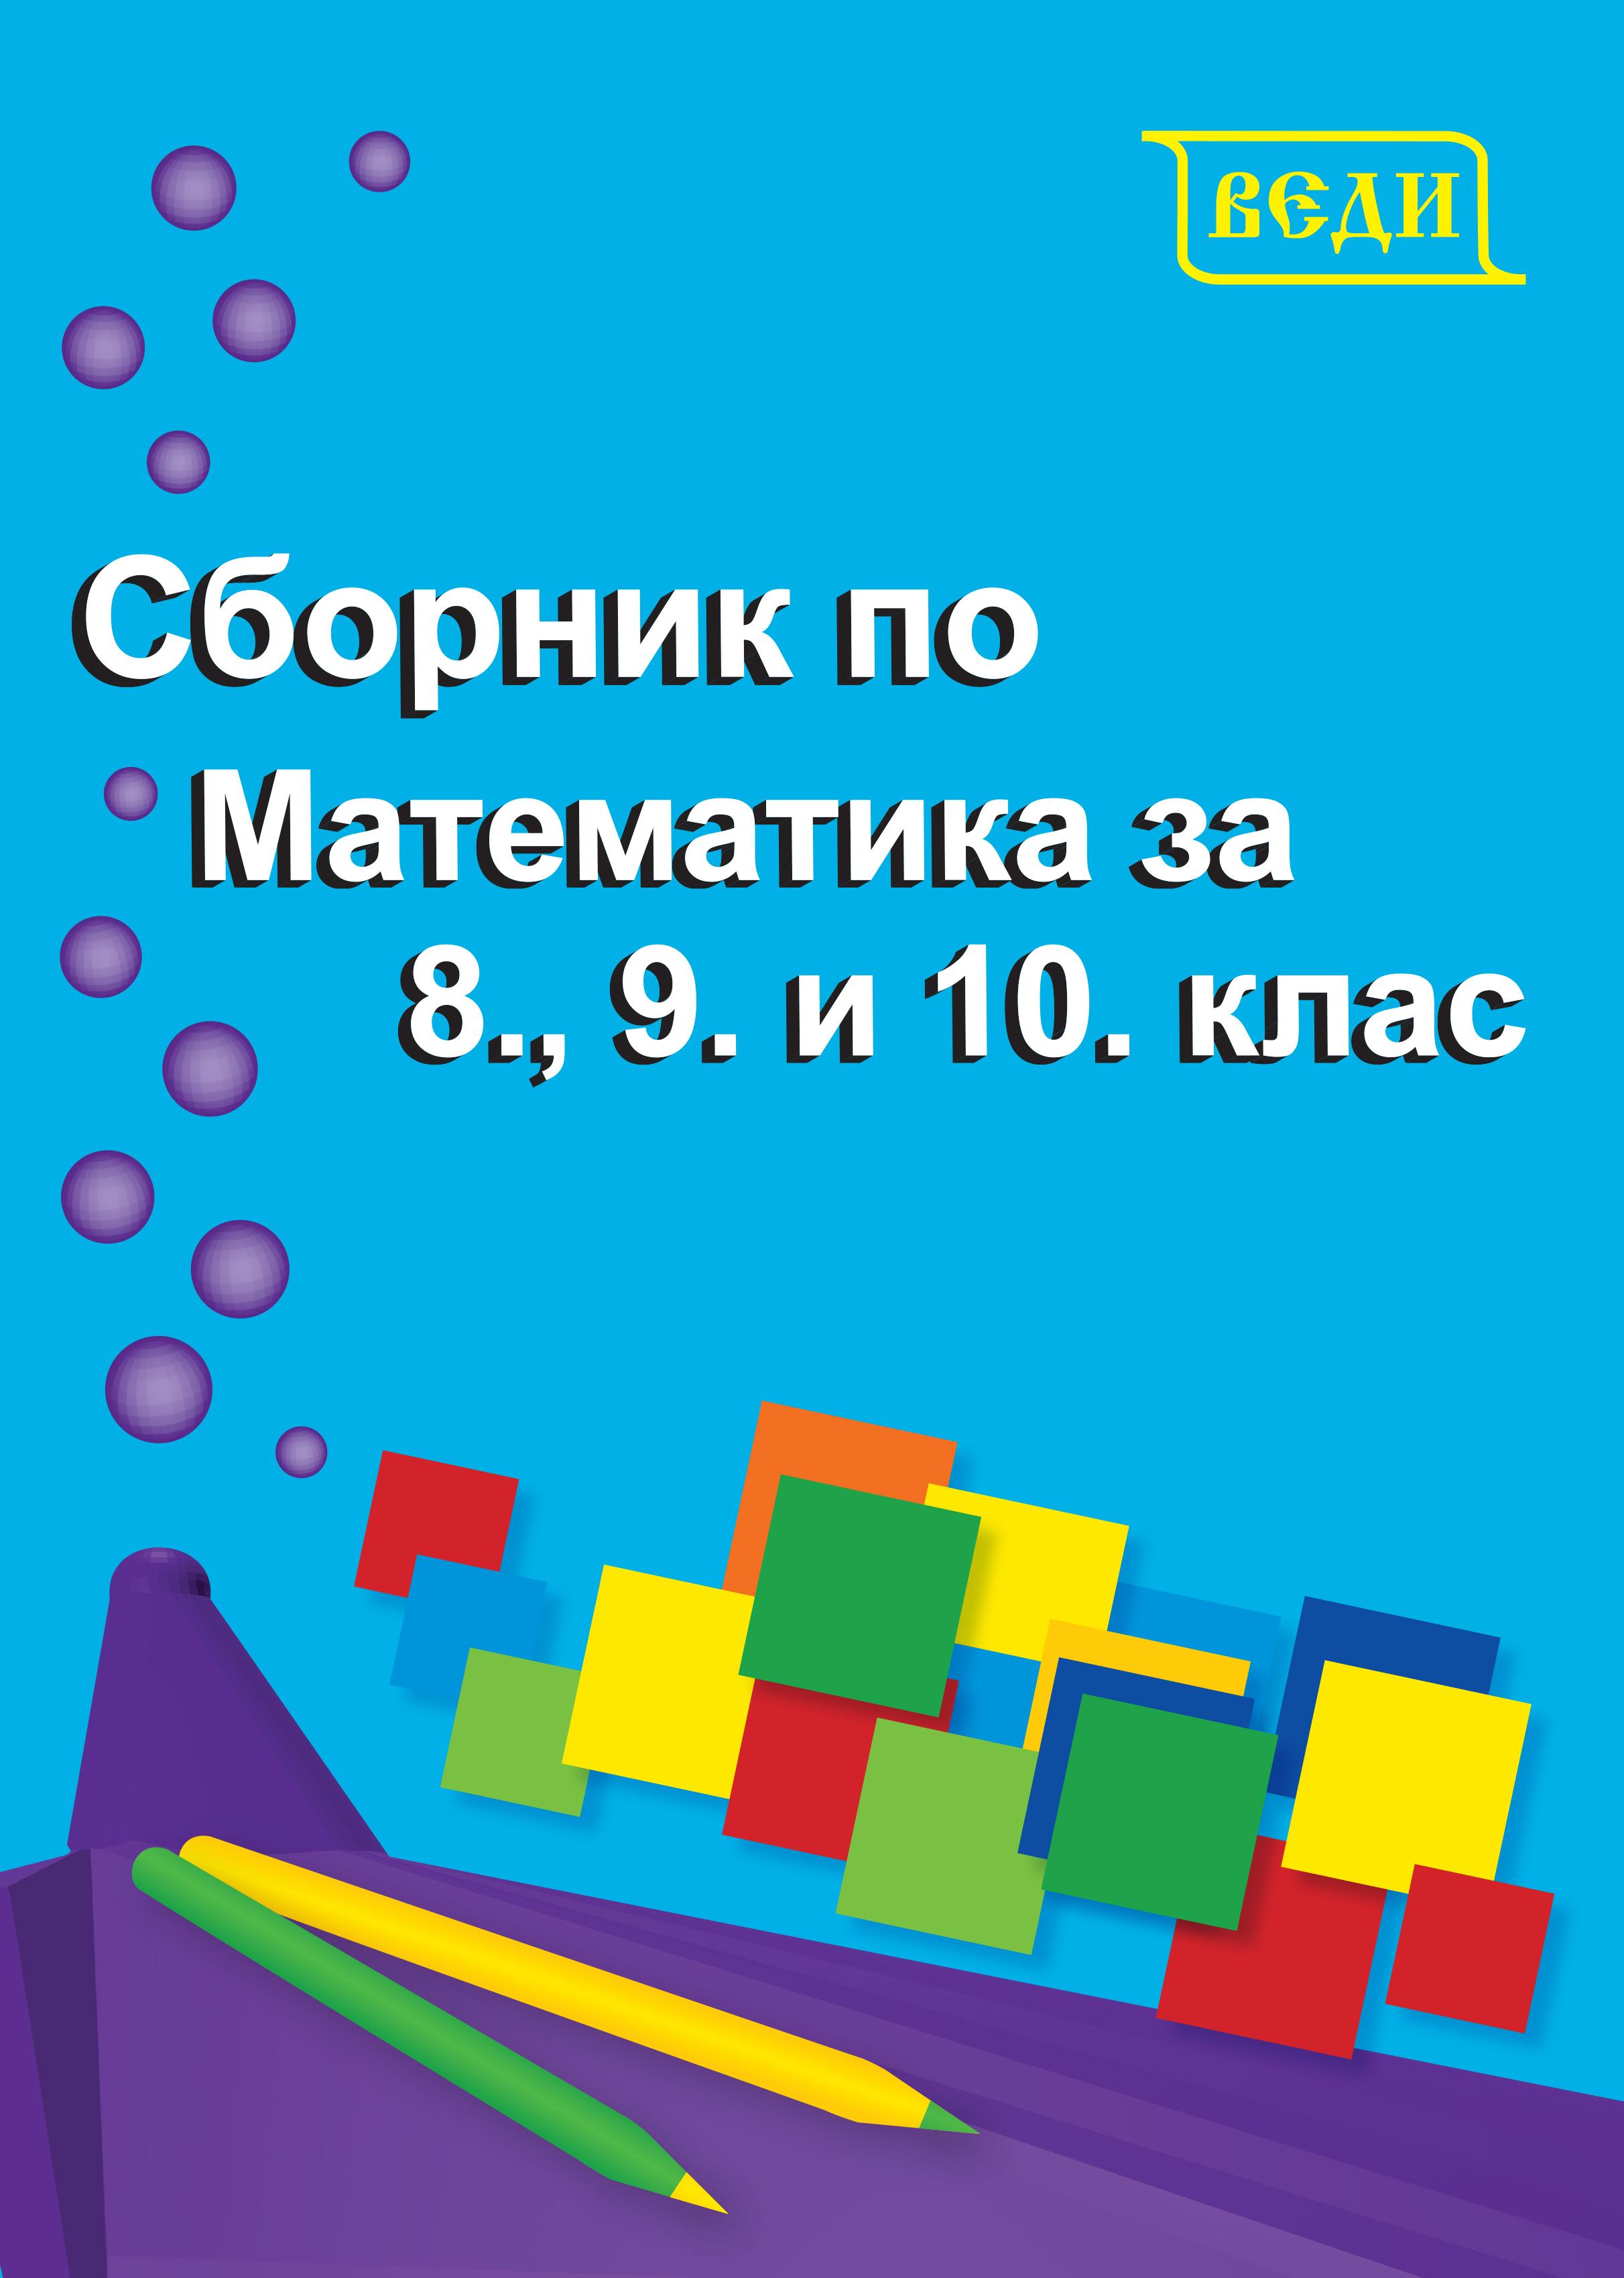 Сборник по математика за 8., 9. и 10. клас